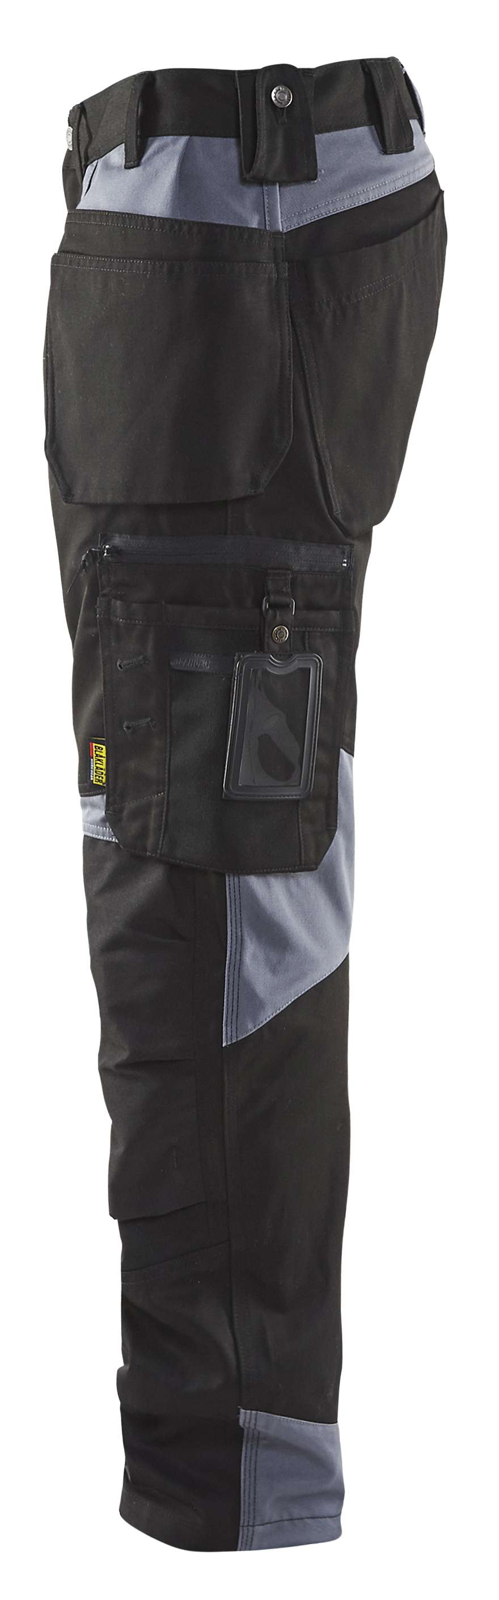 Blaklader Werkbroeken 15551860 zwart-grijs(9994)